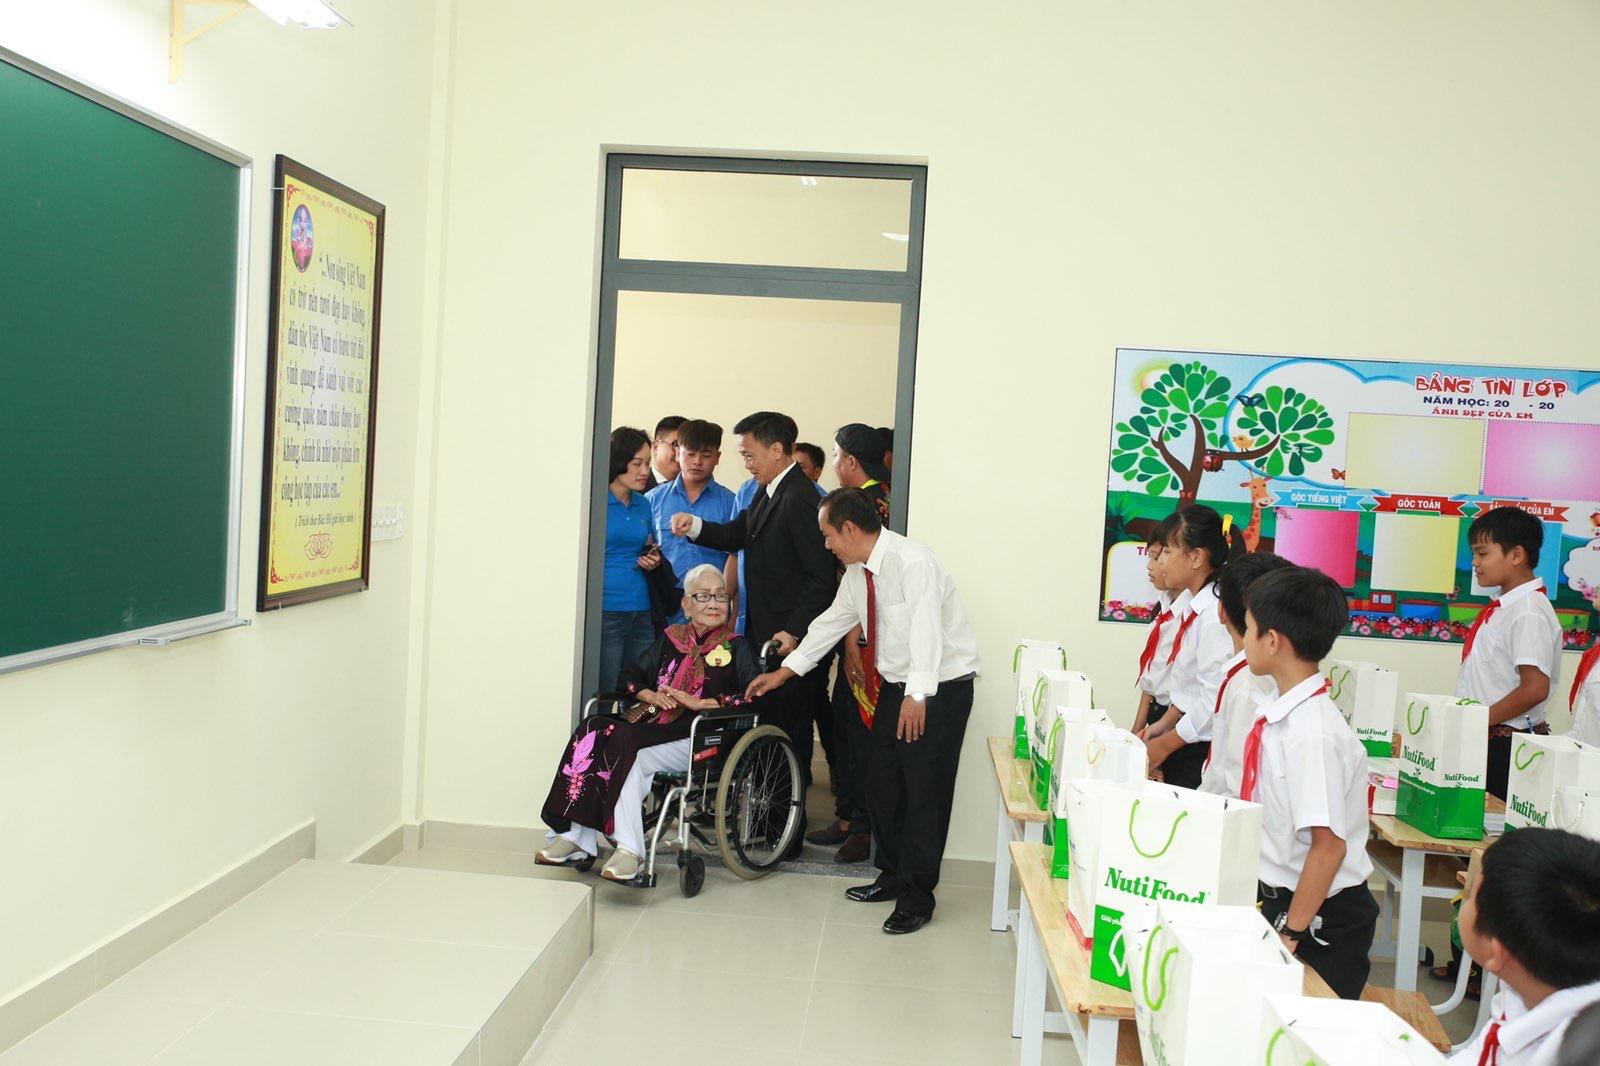 Trọn vẹn niềm vui ngày khánh thành trường tiểu học Long Khánh A3 – Điểm trường cô giáo Phan Thị Nhế - Ảnh 3